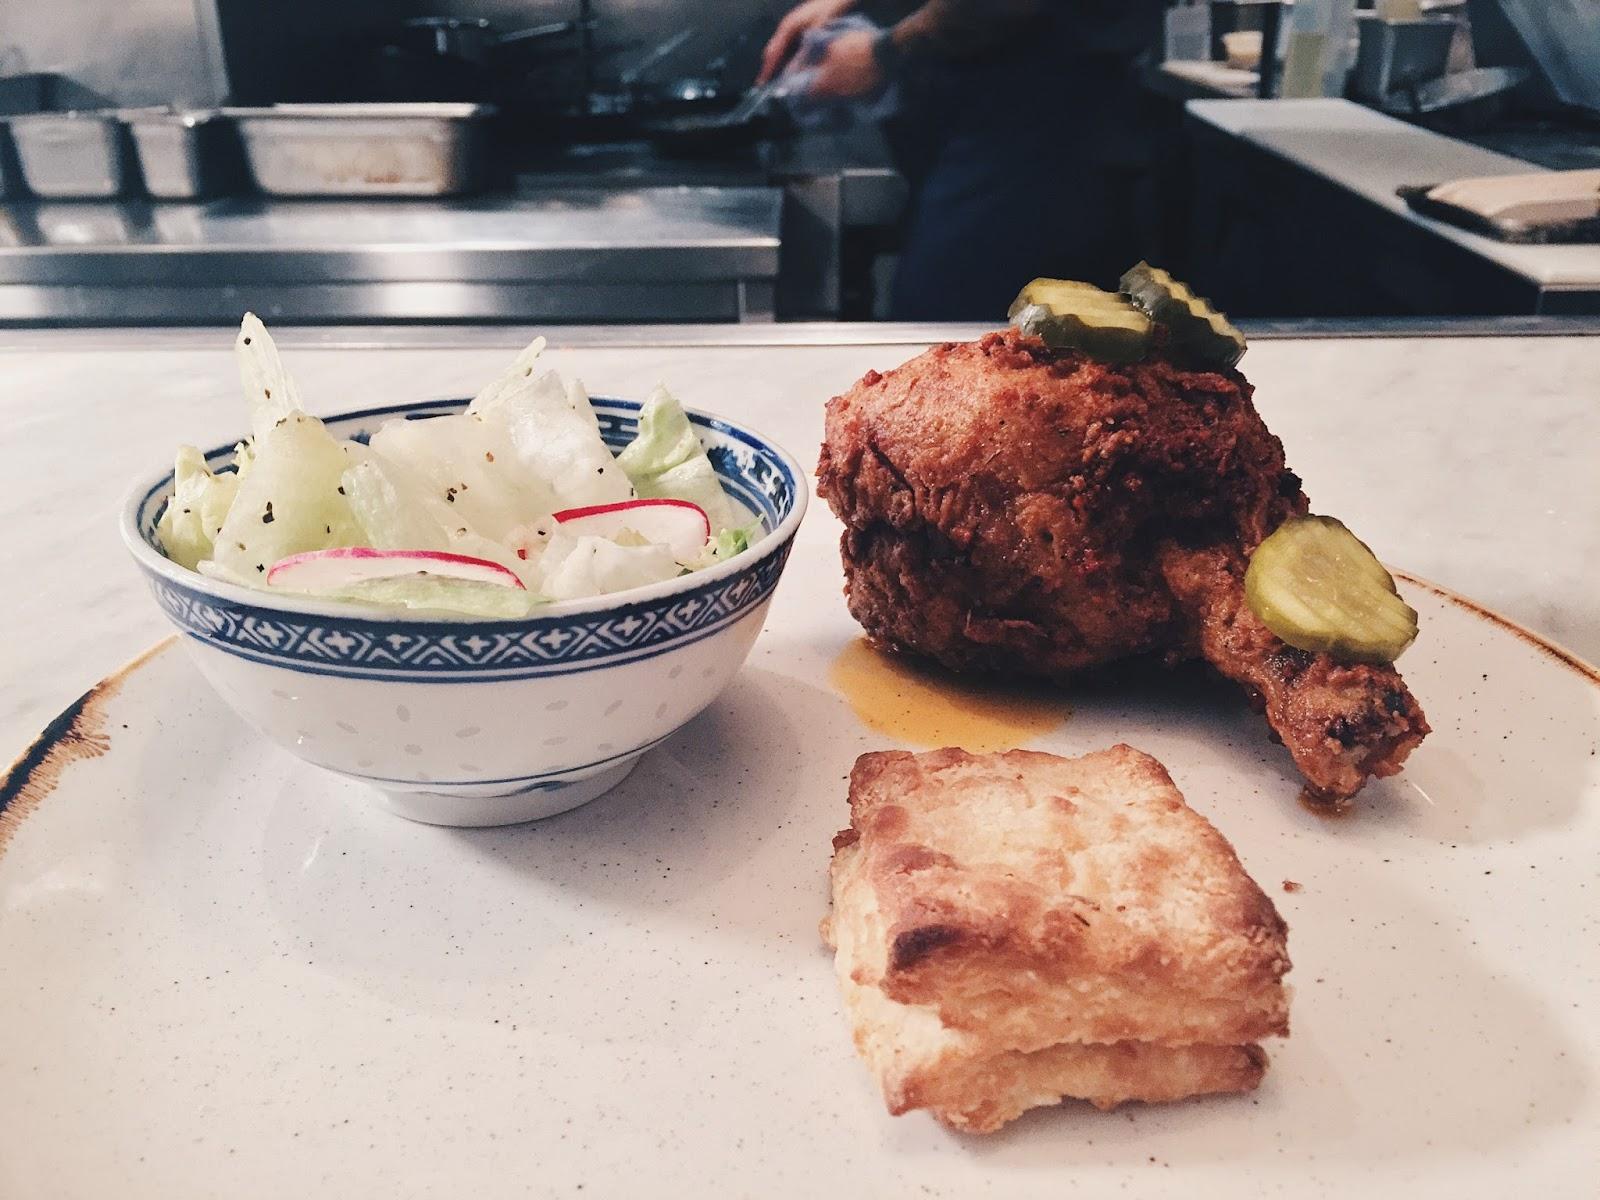 Model Milk Fried Chicken - Ryan's Biscuits, Chop Salad